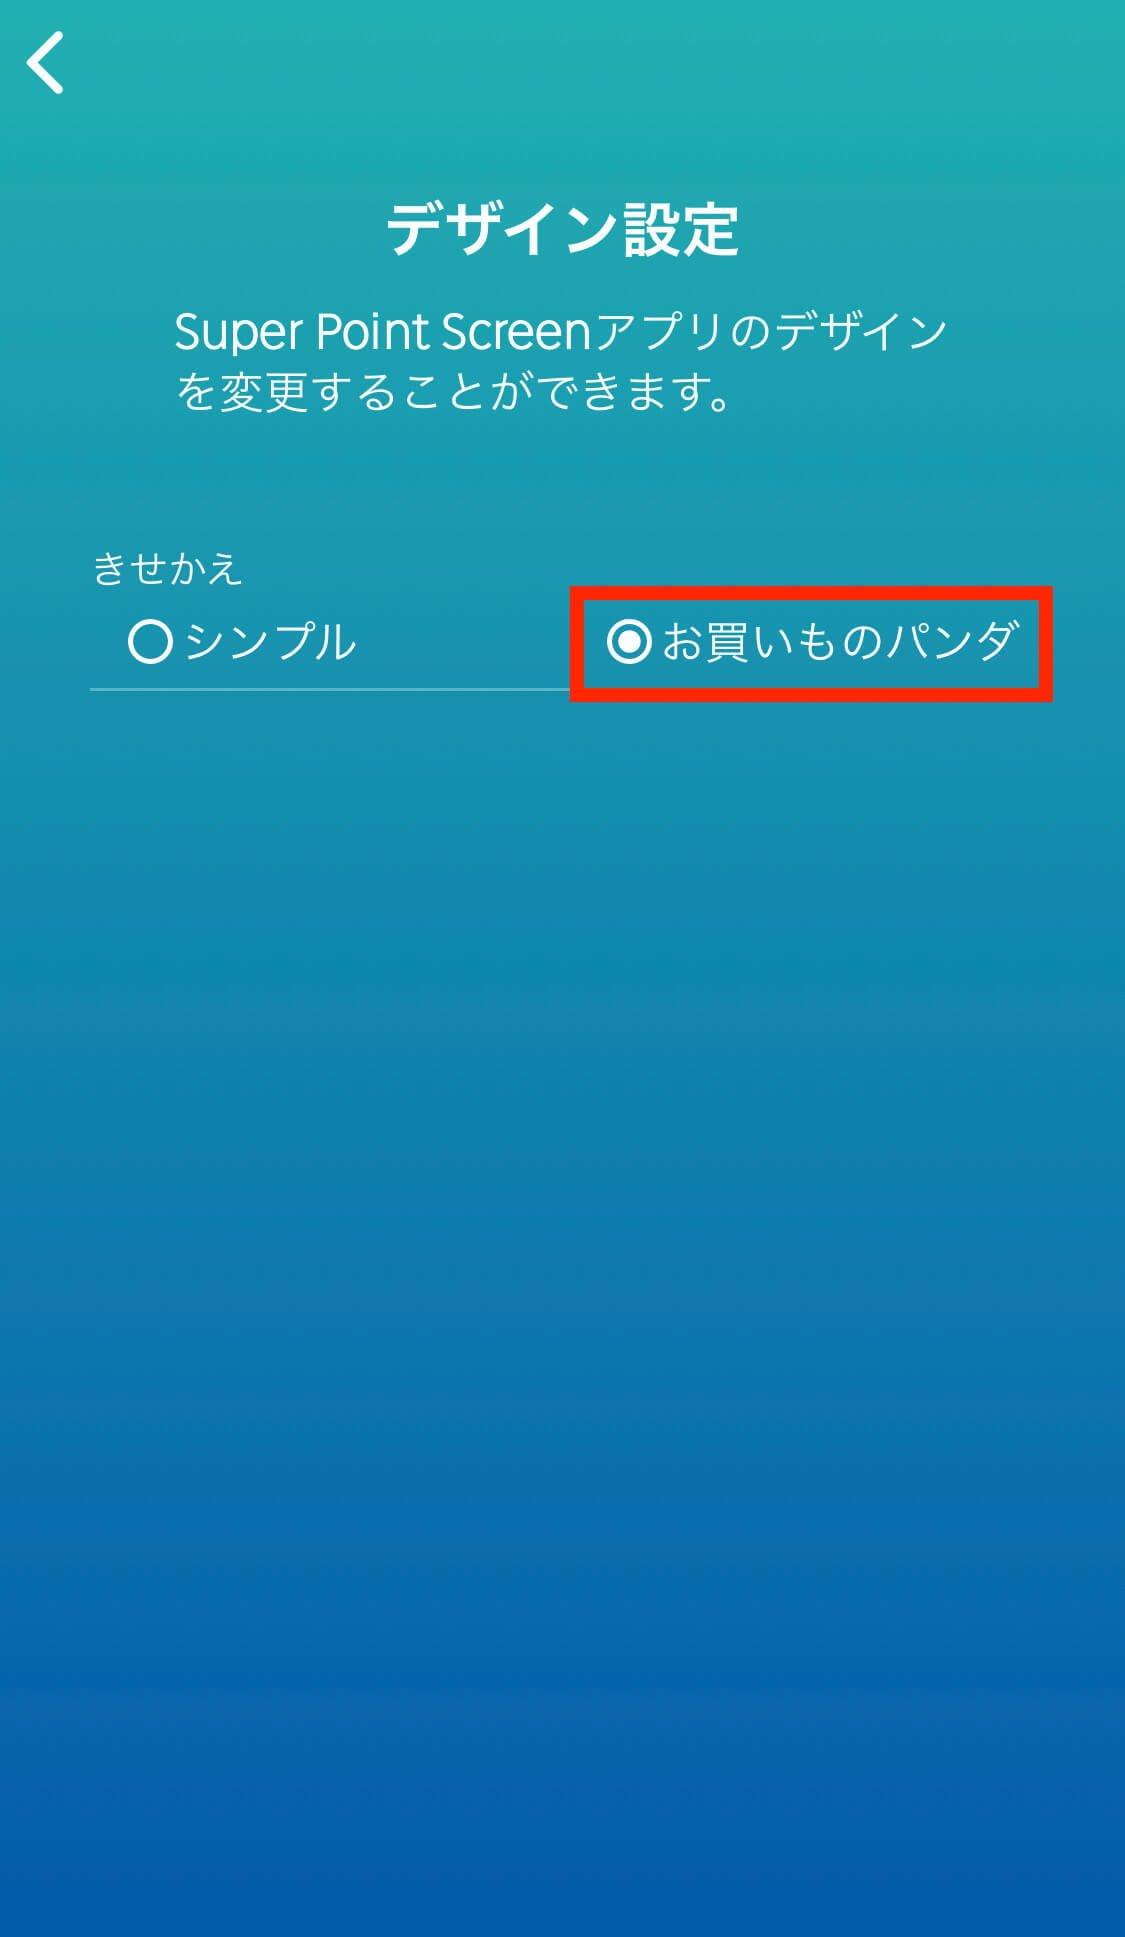 楽天ポイントアプリデザイン設定パンダ